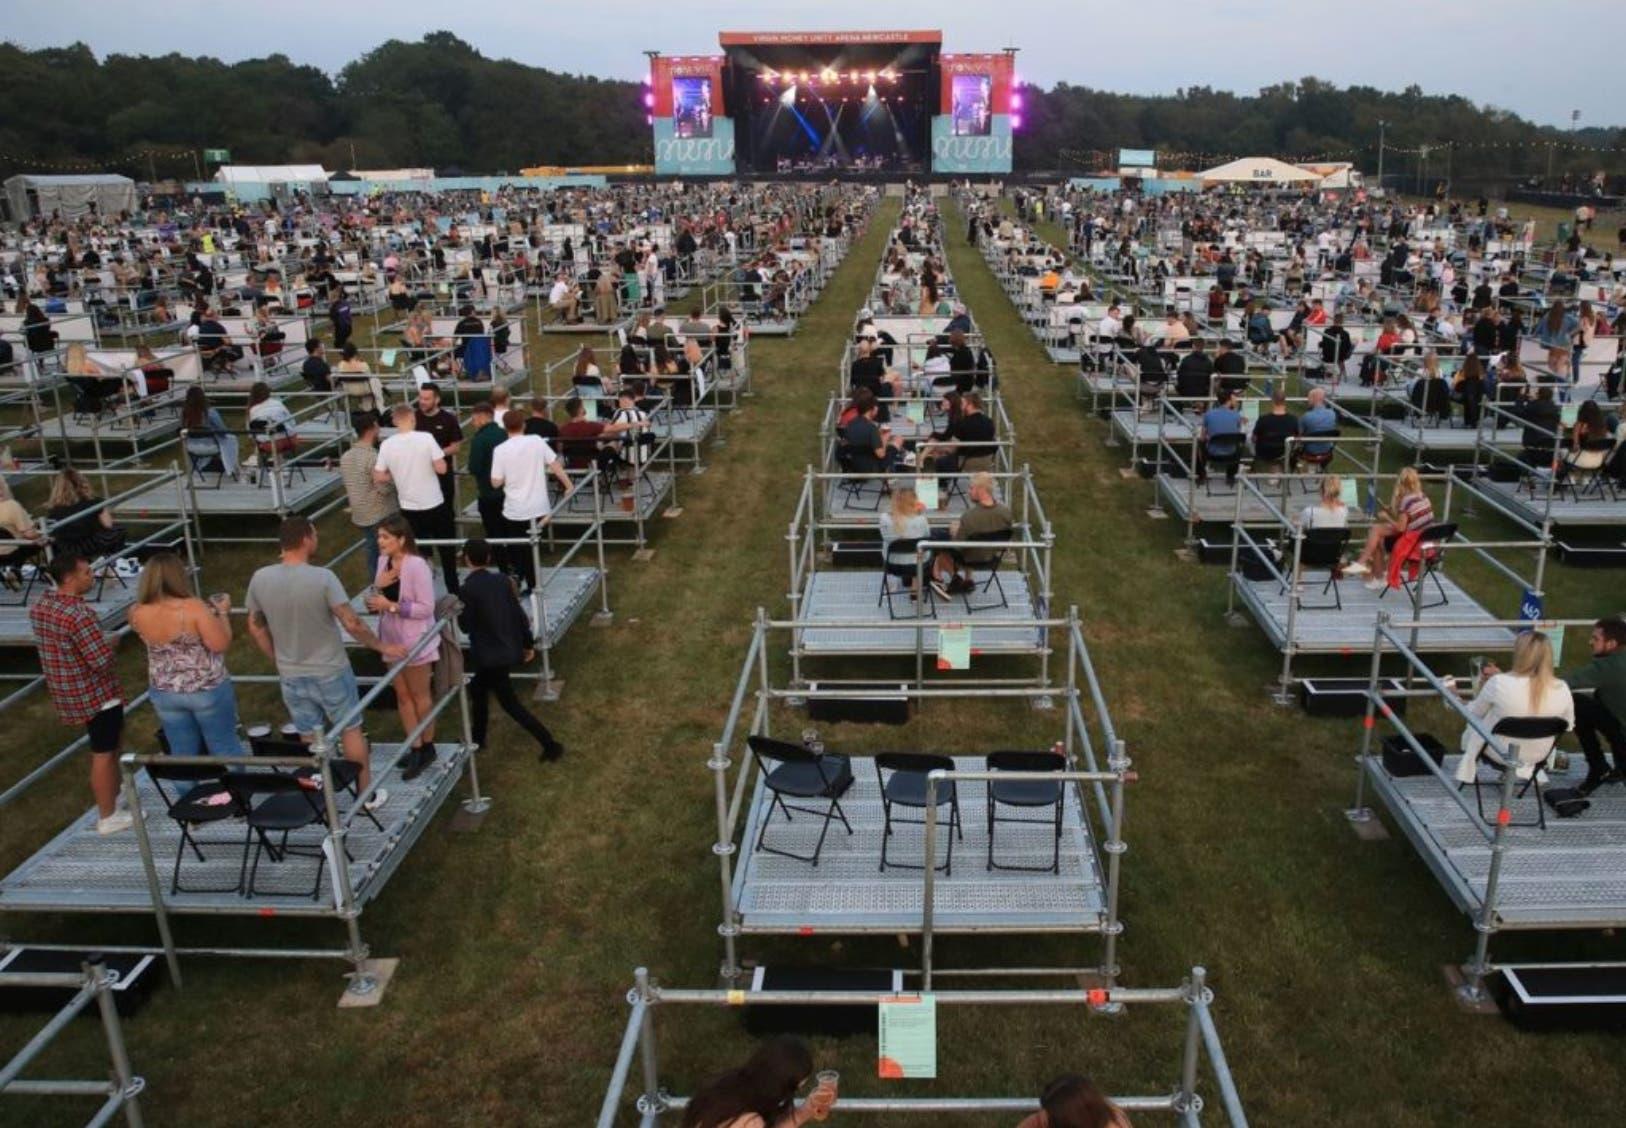 La nueva modalidad de organizar conciertos inició en Inglaterra